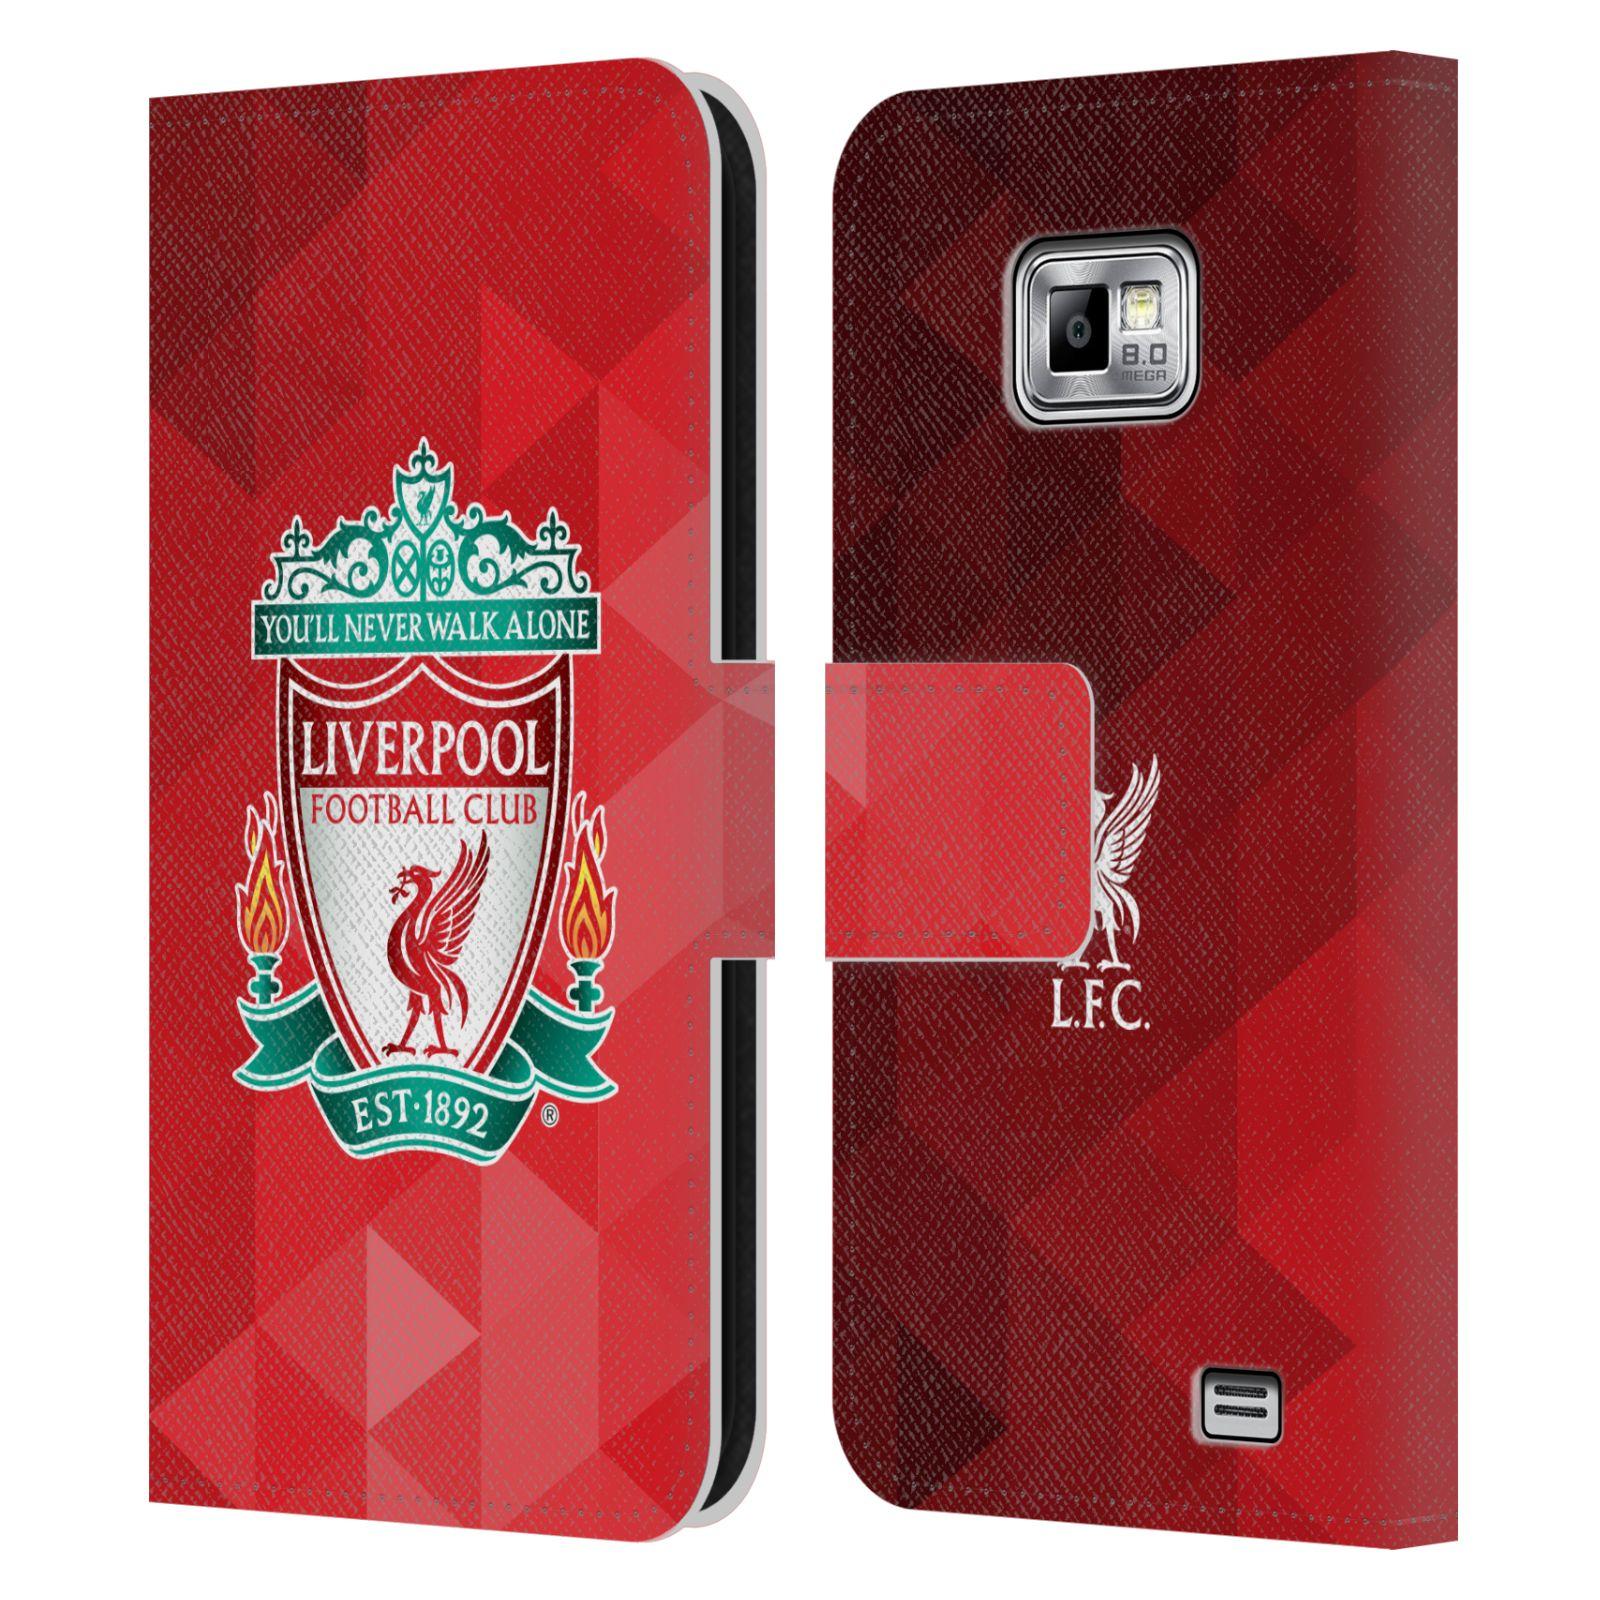 HEAD CASE Flipové pouzdro pro mobil Samsung Galaxy S2 i9100 LIVERPOOL FC OFICIÁLNÍ ZNAK kostky barevný znak na červené